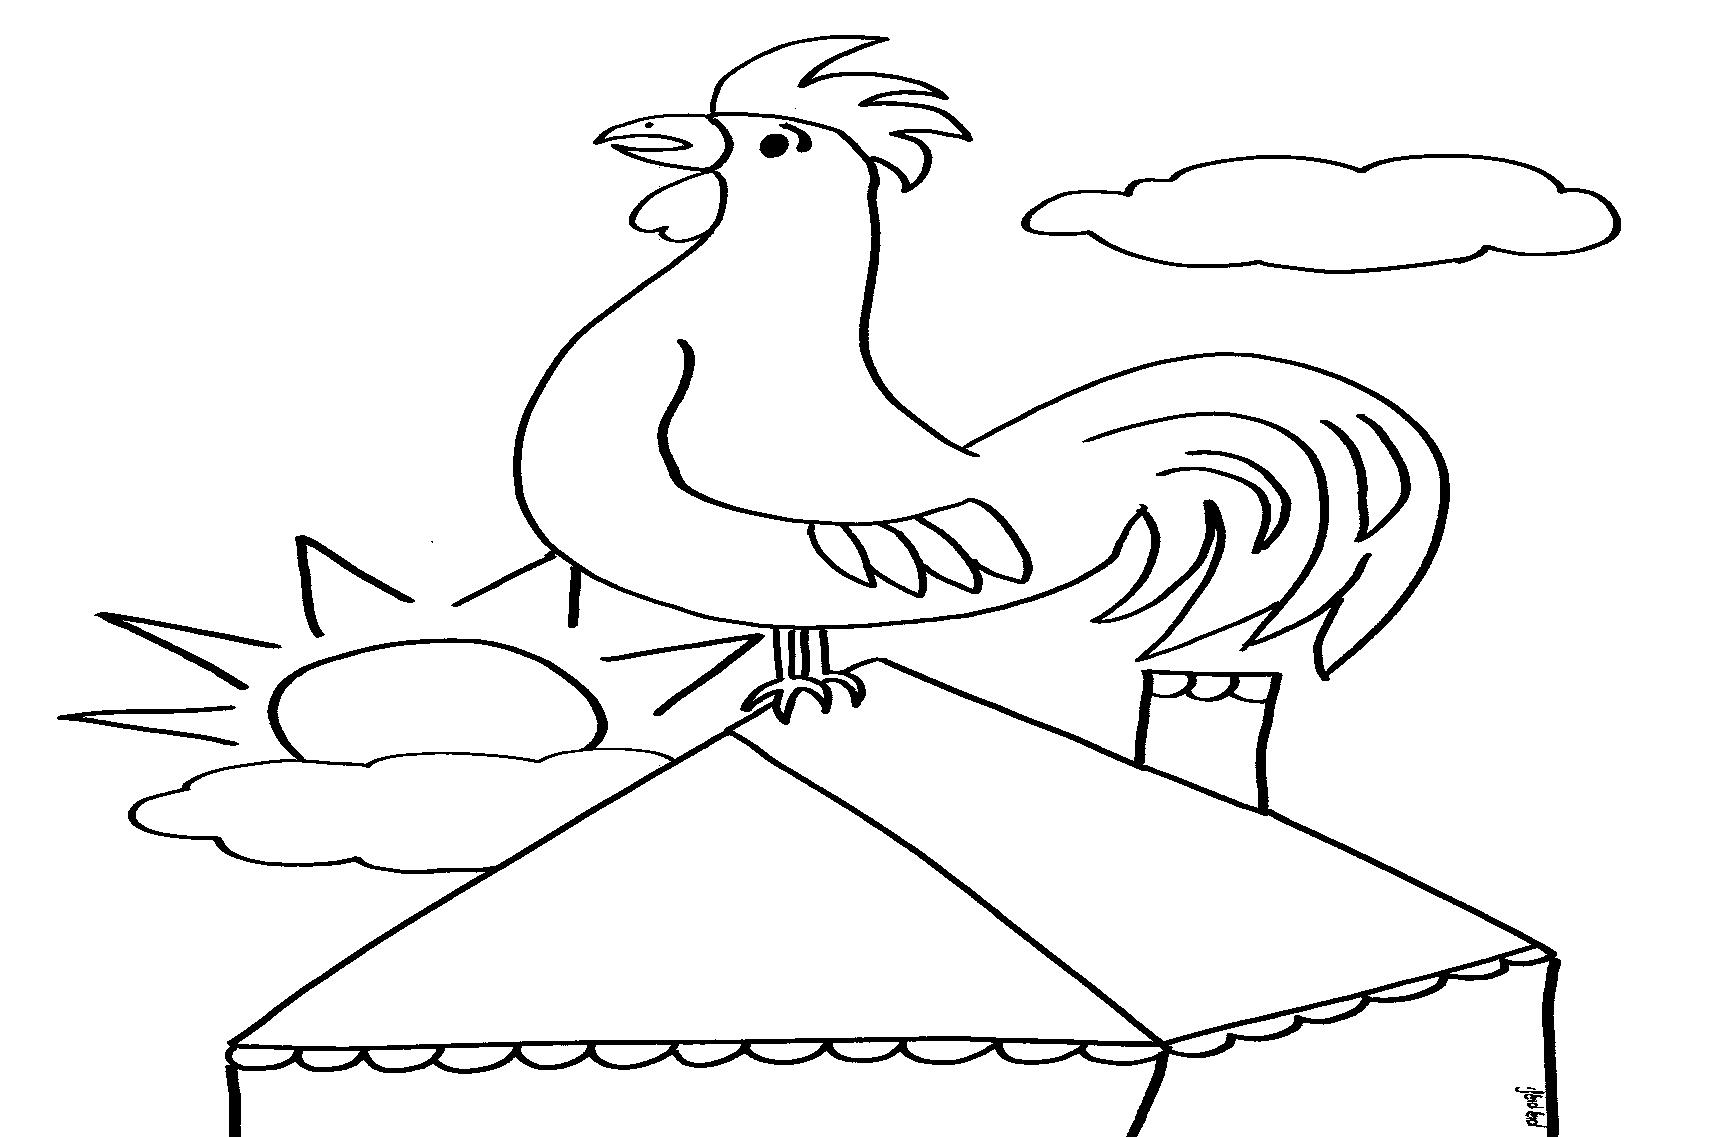 דף צביעה תרנגול